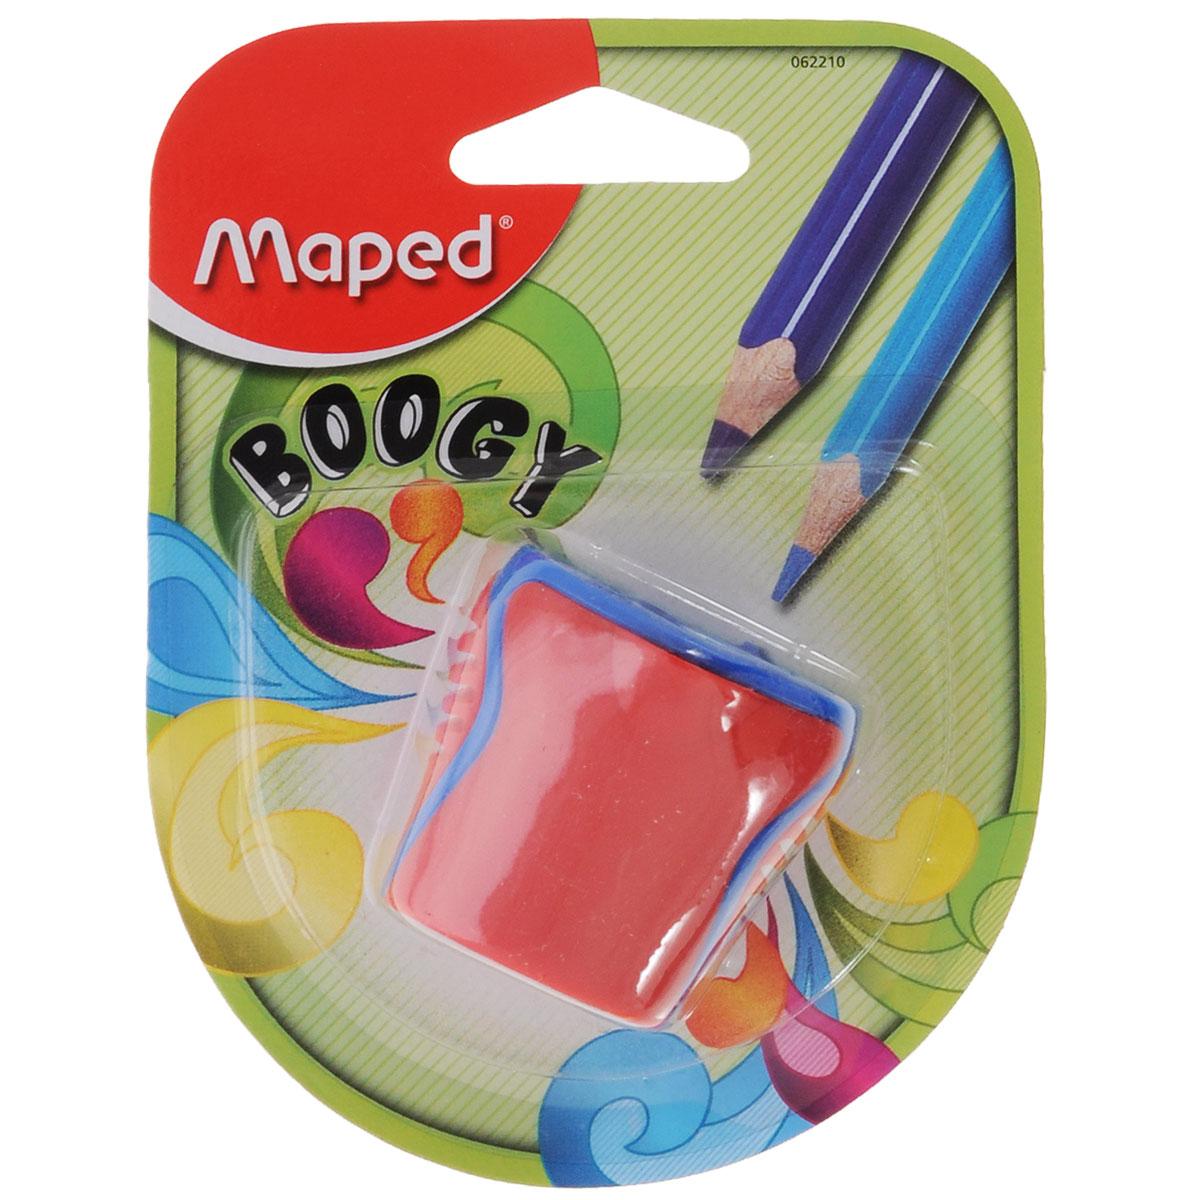 Точилка Maped Boogy, с 2 отверстиями, цвет: красный72523WDТочилка  Boogy с двумя отверстиями выполнена из ударопрочного пластика. Полупрозрачный контейнер для сбора стружки повышенной вместимости позволяет визуально контролировать уровень заполнения и вовремя производить очистку.